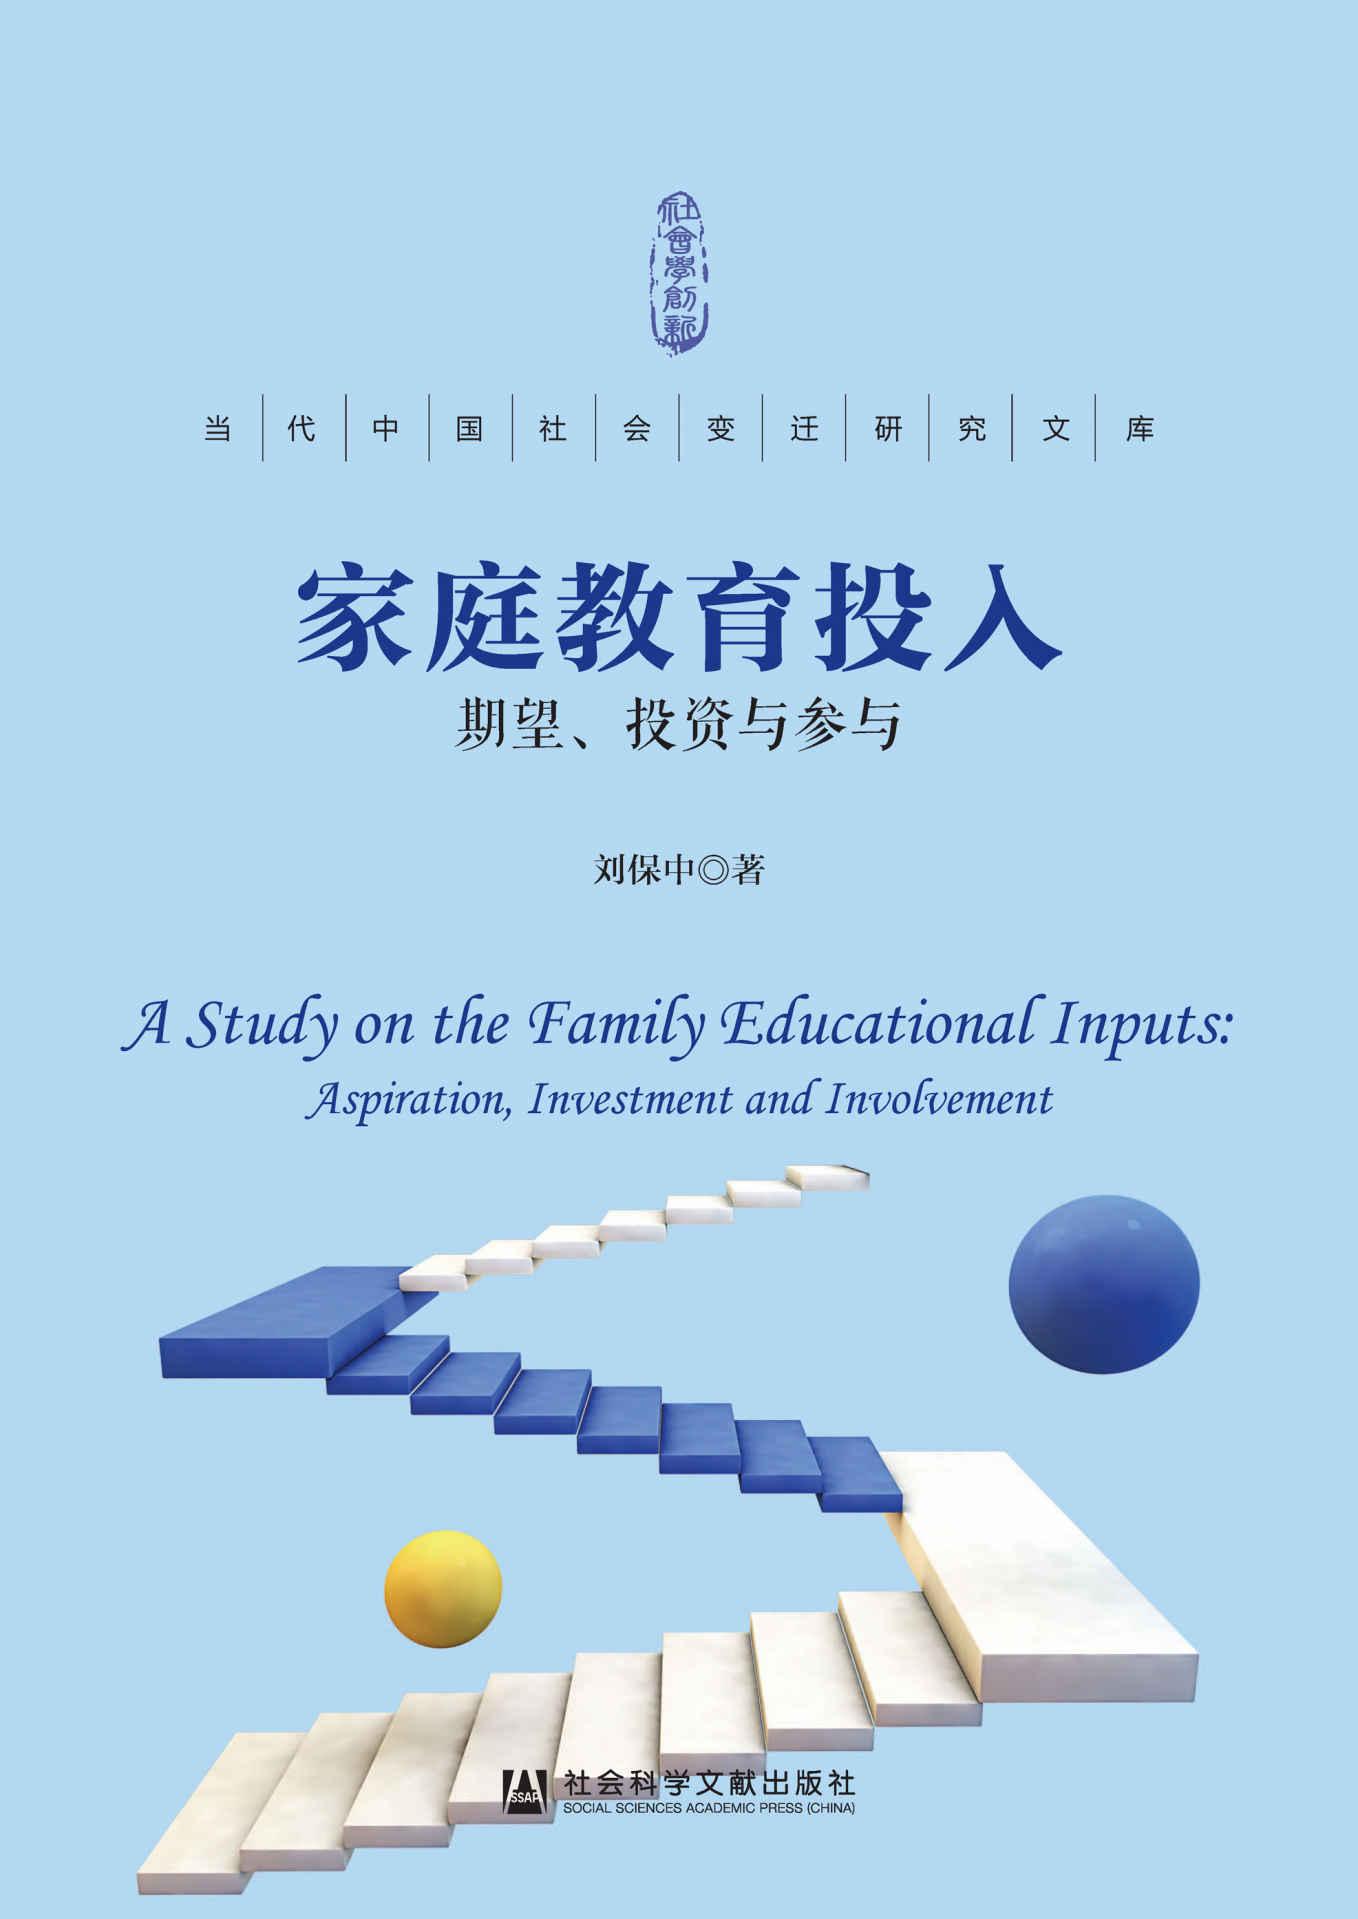 家庭教育投入pdf-epub-mobi-txt-azw3